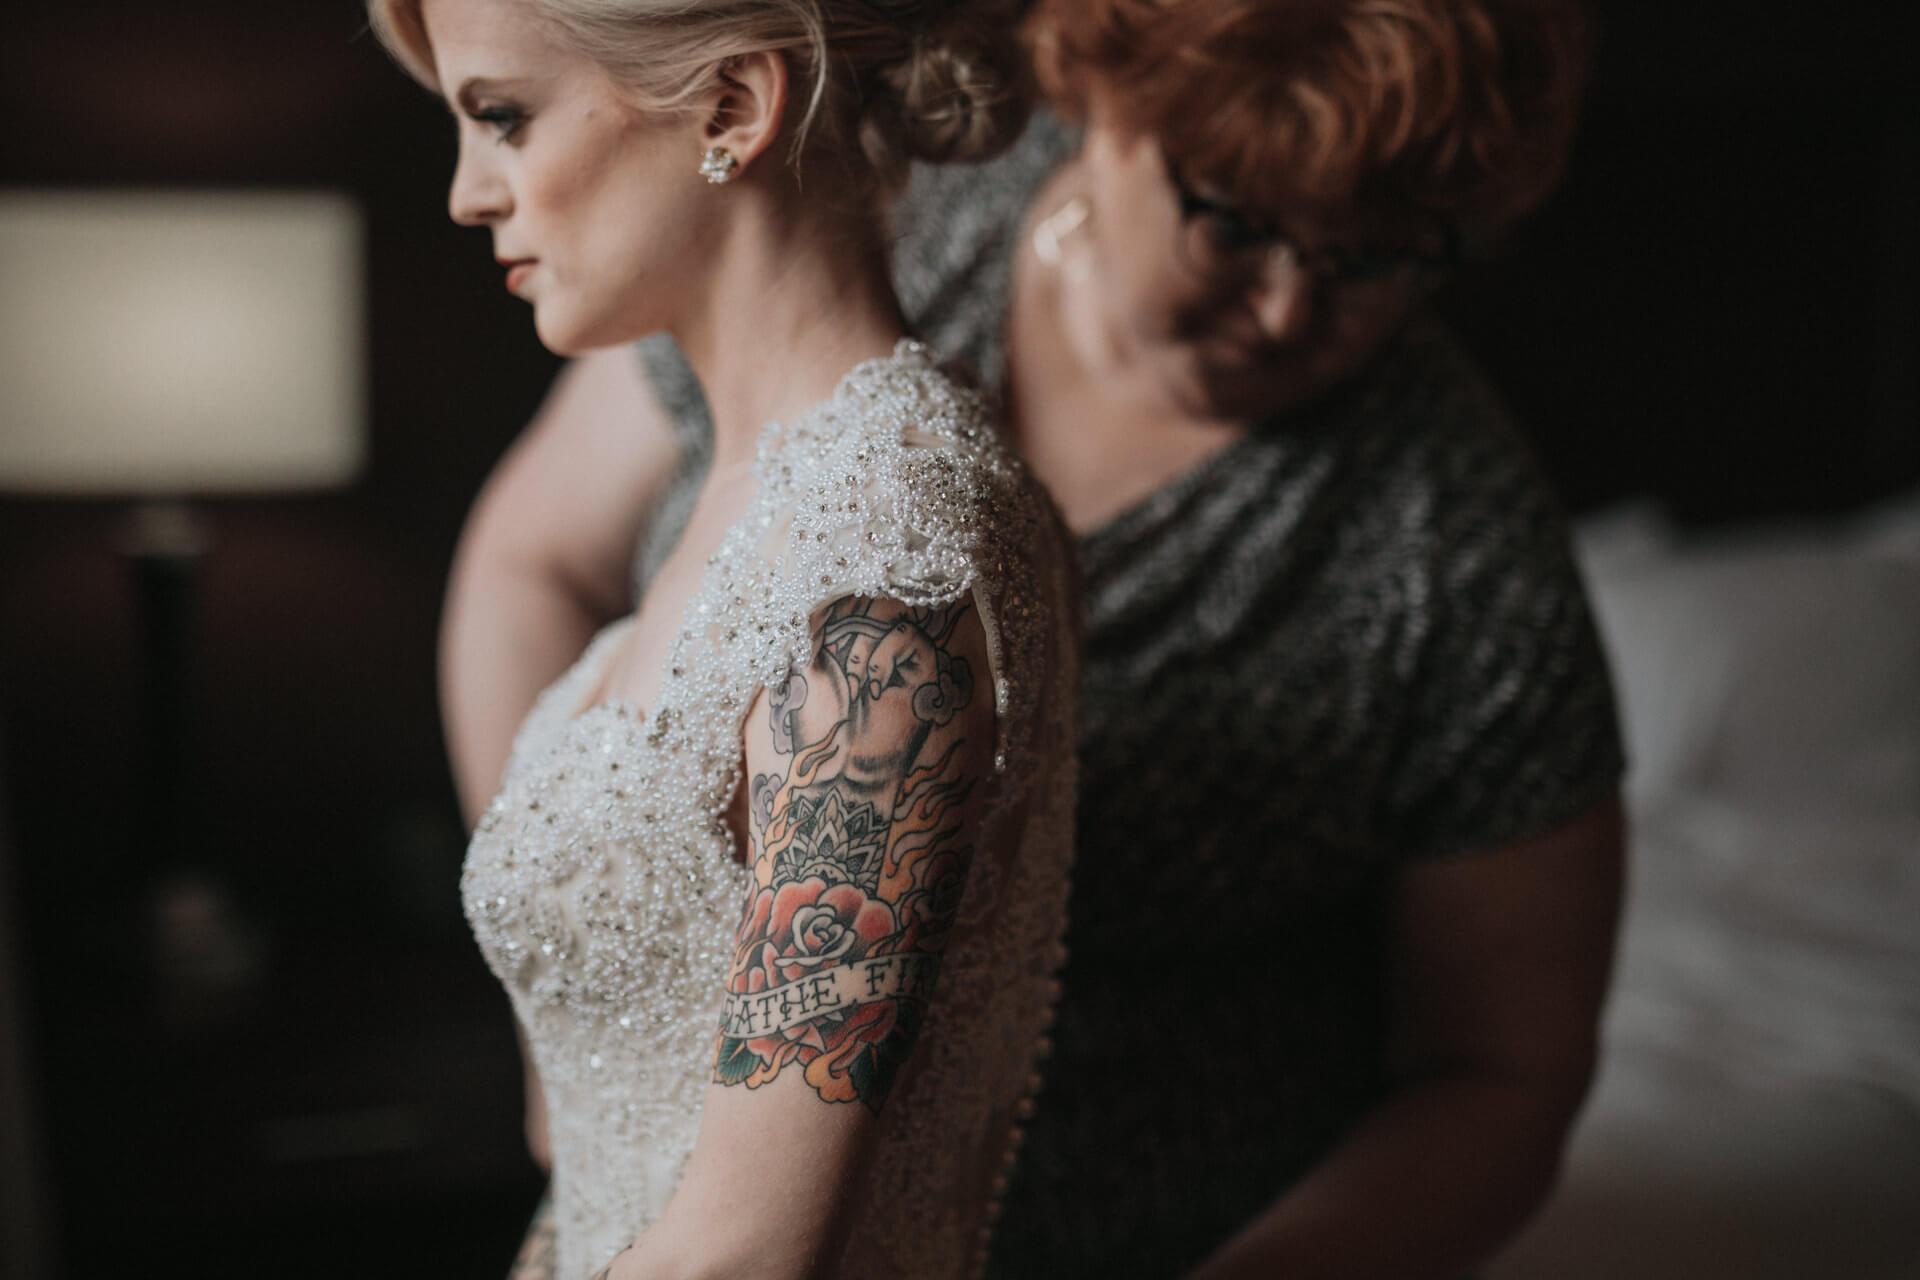 Missoula Wedding Photography | Cluney Photography